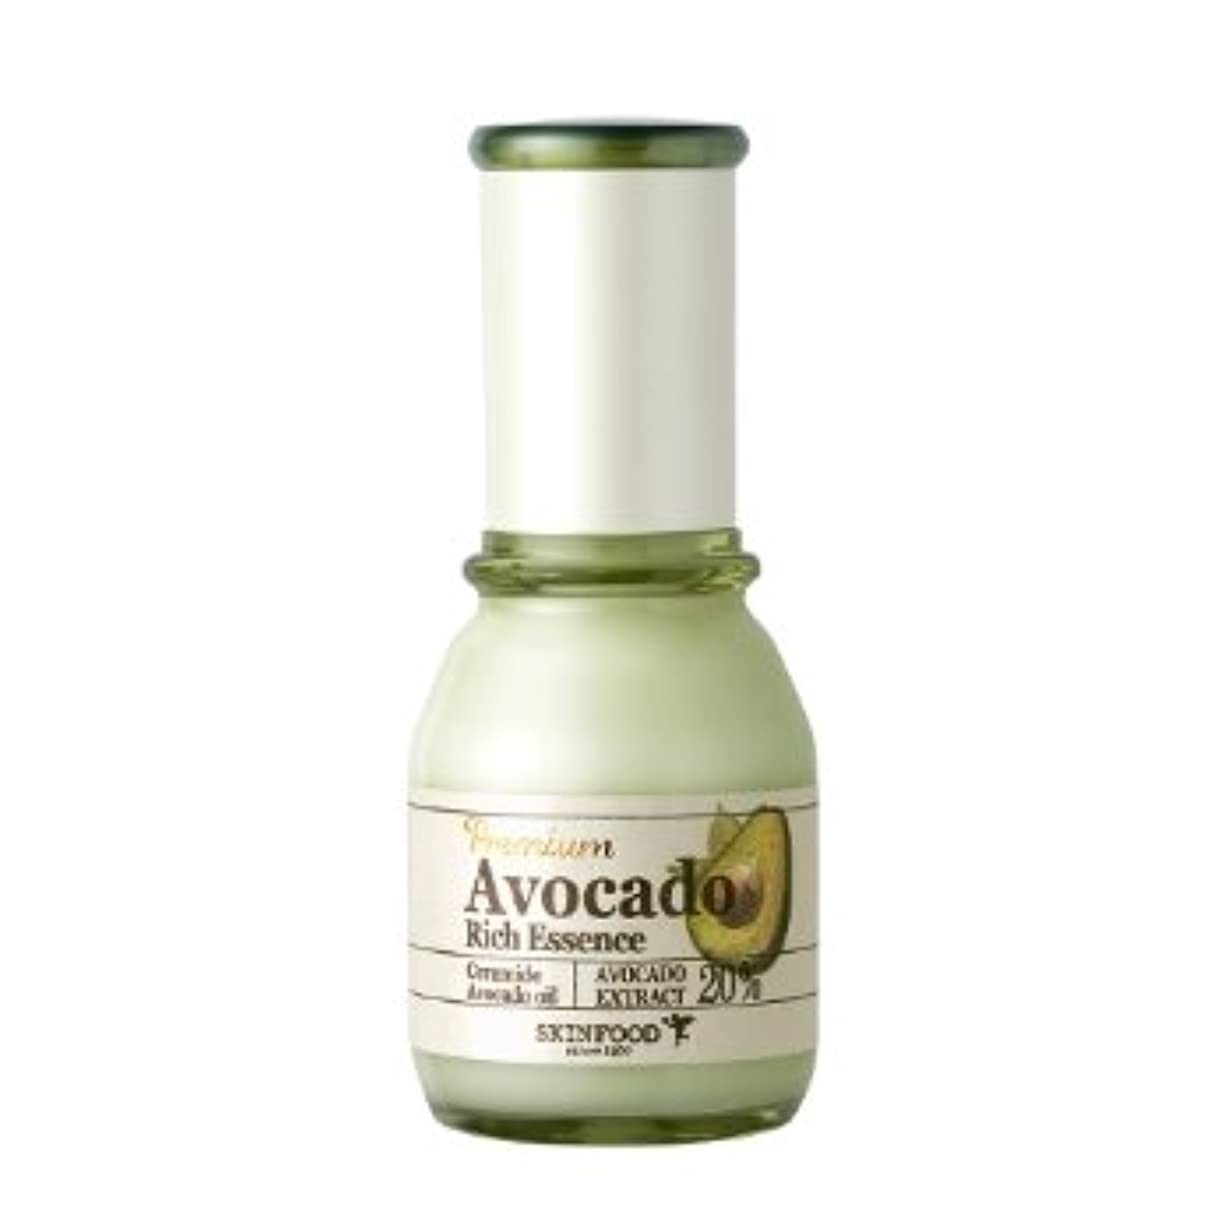 エステート耕すデータベーススキンフード [Skin Food] プレミアム アボカド リーチ エッセンス 50ml / Premium Avocado Rich Essence 海外直送品